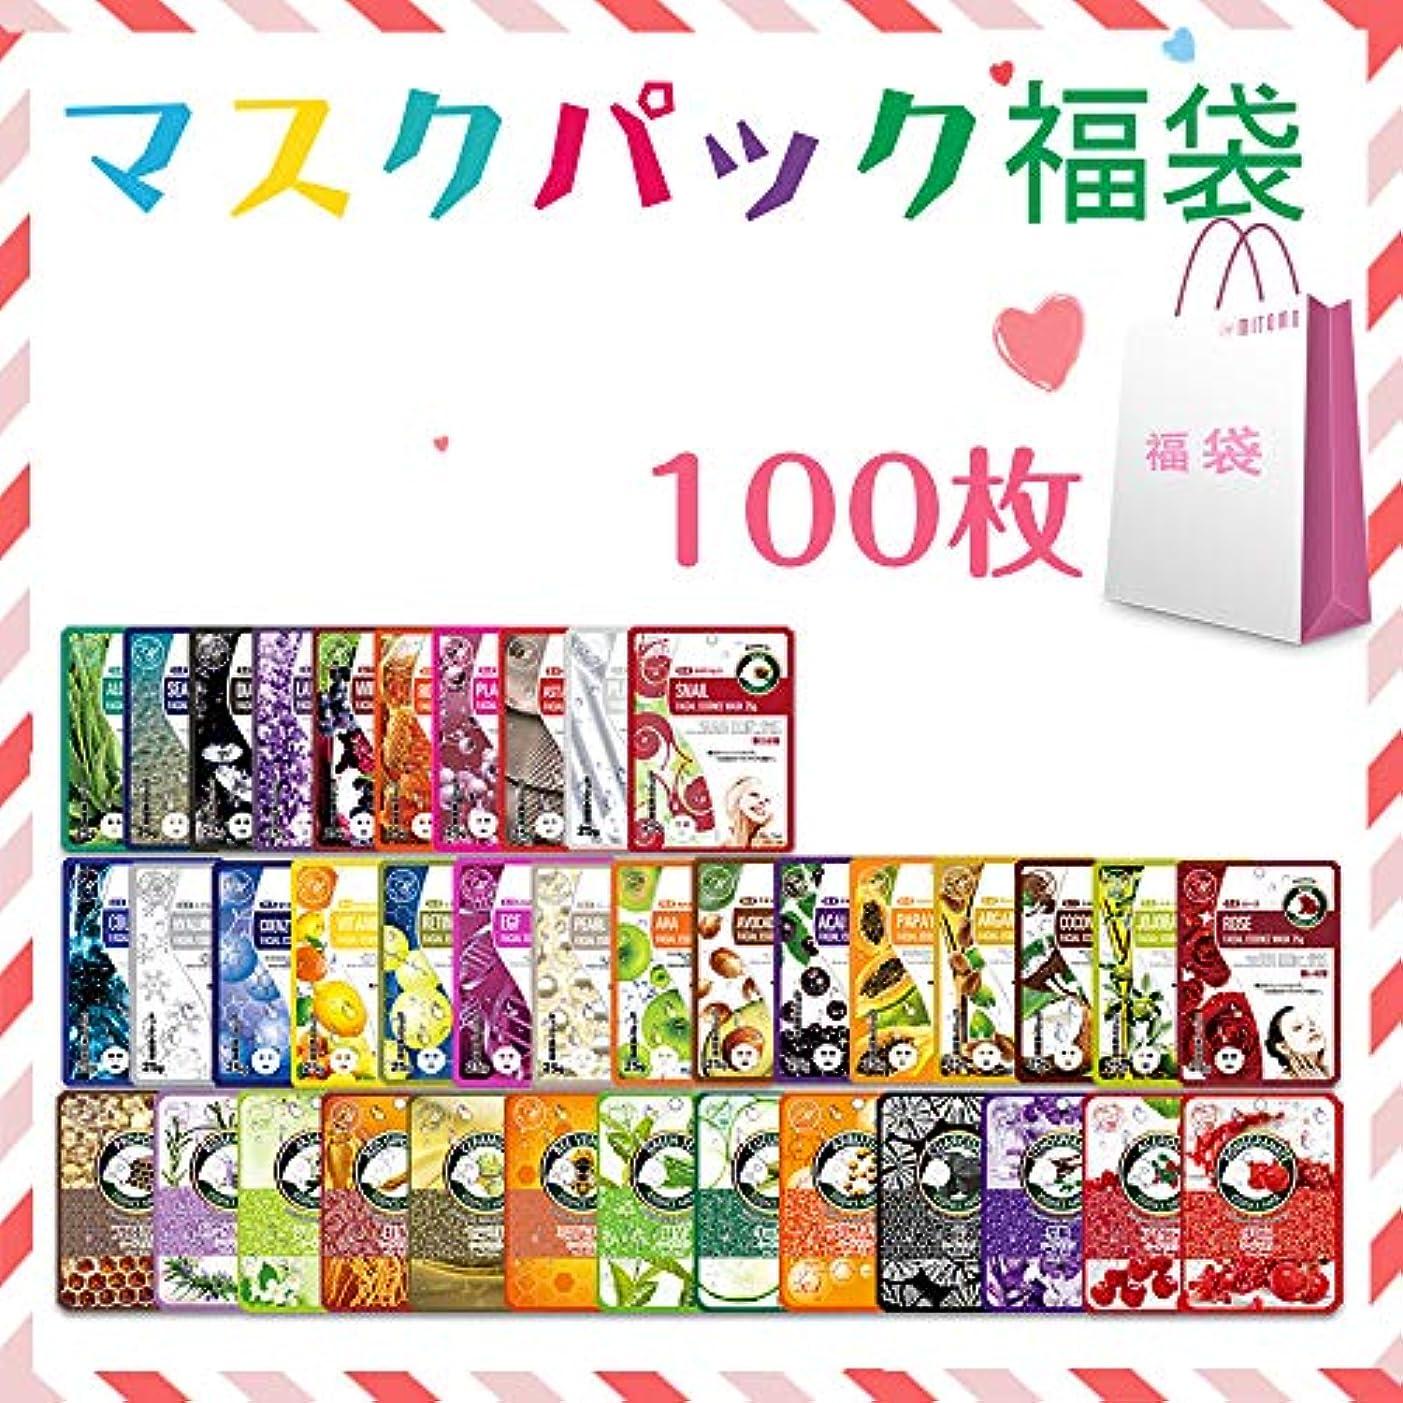 モニカ大砲謙虚【LBPRKL0100】シートマスク/100枚/美容液/マスクパック/送料無料